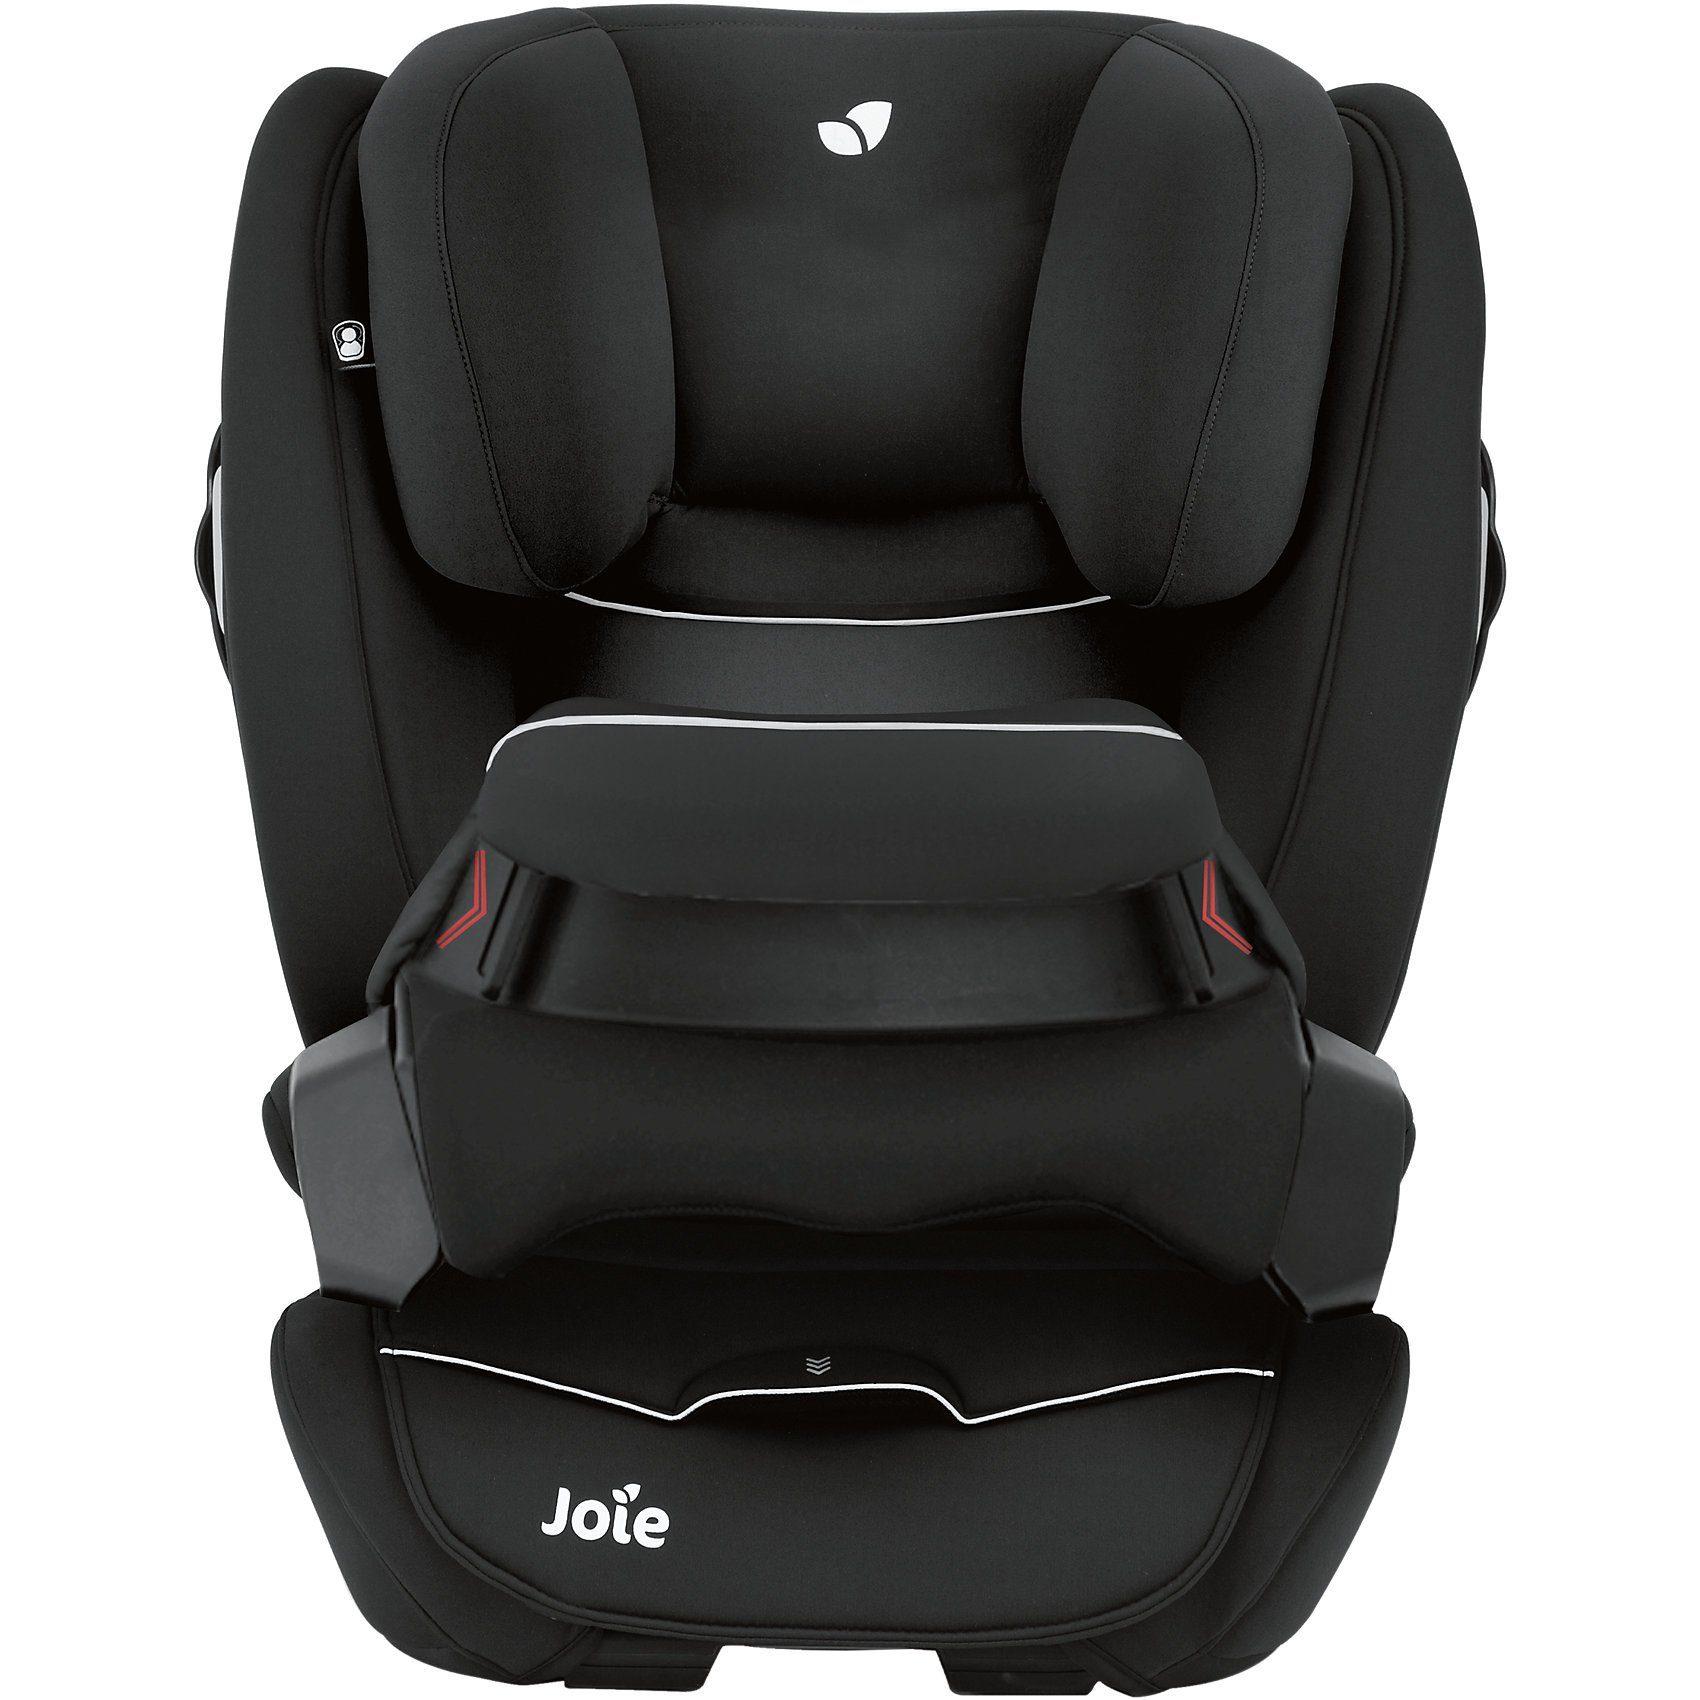 Joie Auto-Kindersitz Transcend, Tuxedo